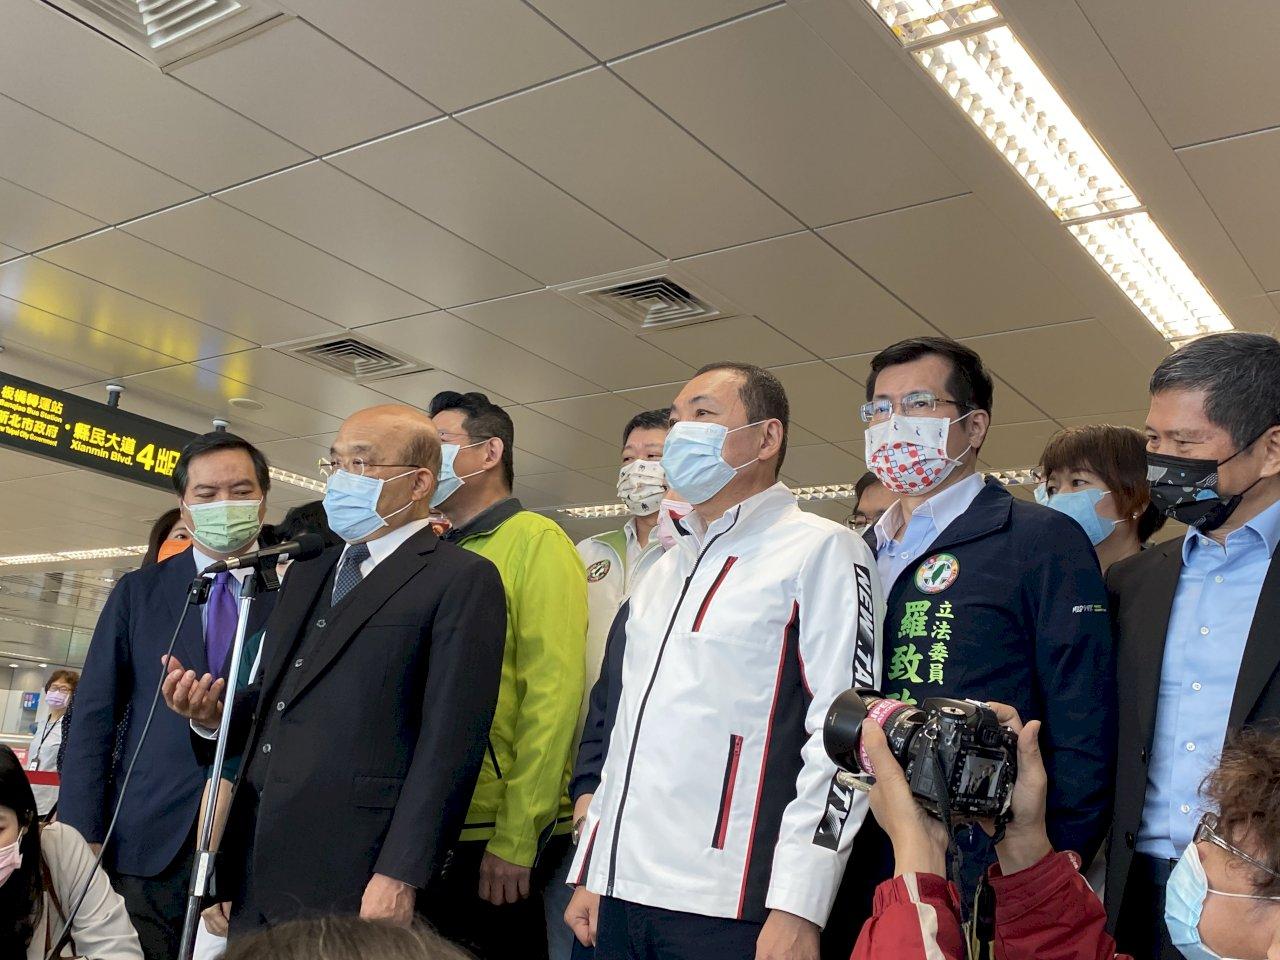 新疆棉人權問題 蘇揆:台灣為受壓迫的人發聲